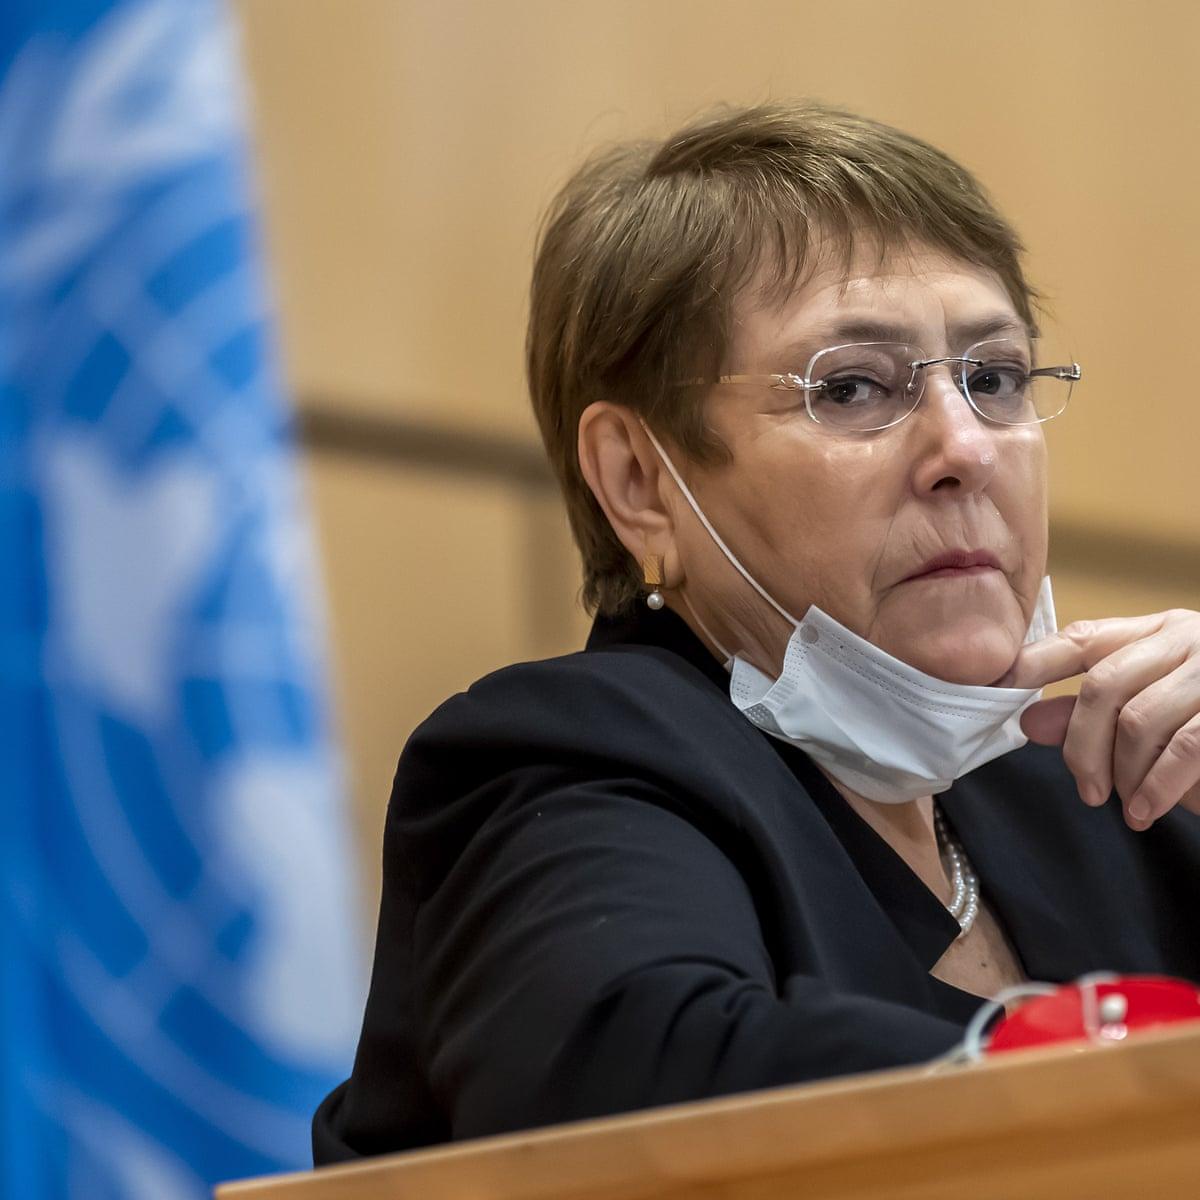 EE.UU.: Michele Bachelet denuncia en la ONU el racismo sistémico; Congreso prepara ley de reforma policial